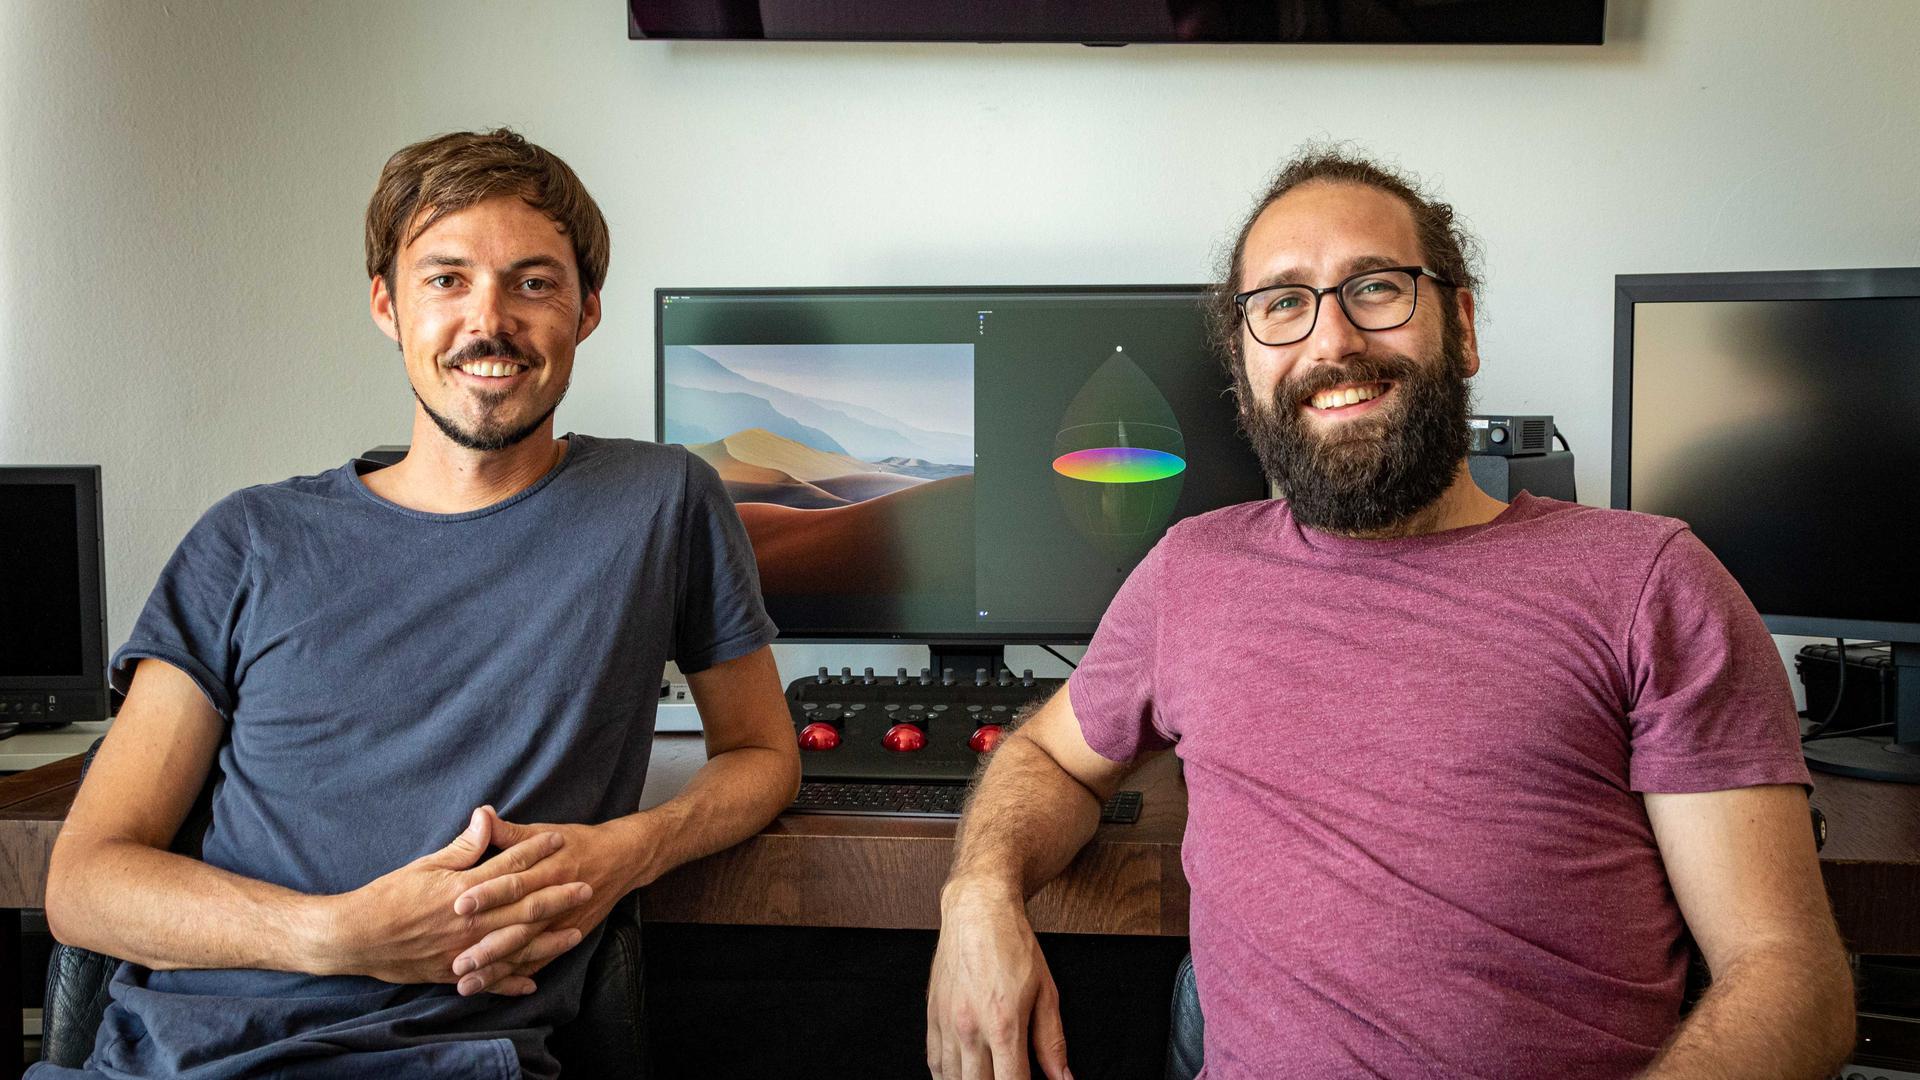 Innerhalb weniger Wochen entwickelten Pirmin Straub und Manuel Hüttel die Software, mit der restlicher Impfstoff besser verteilt werden soll.